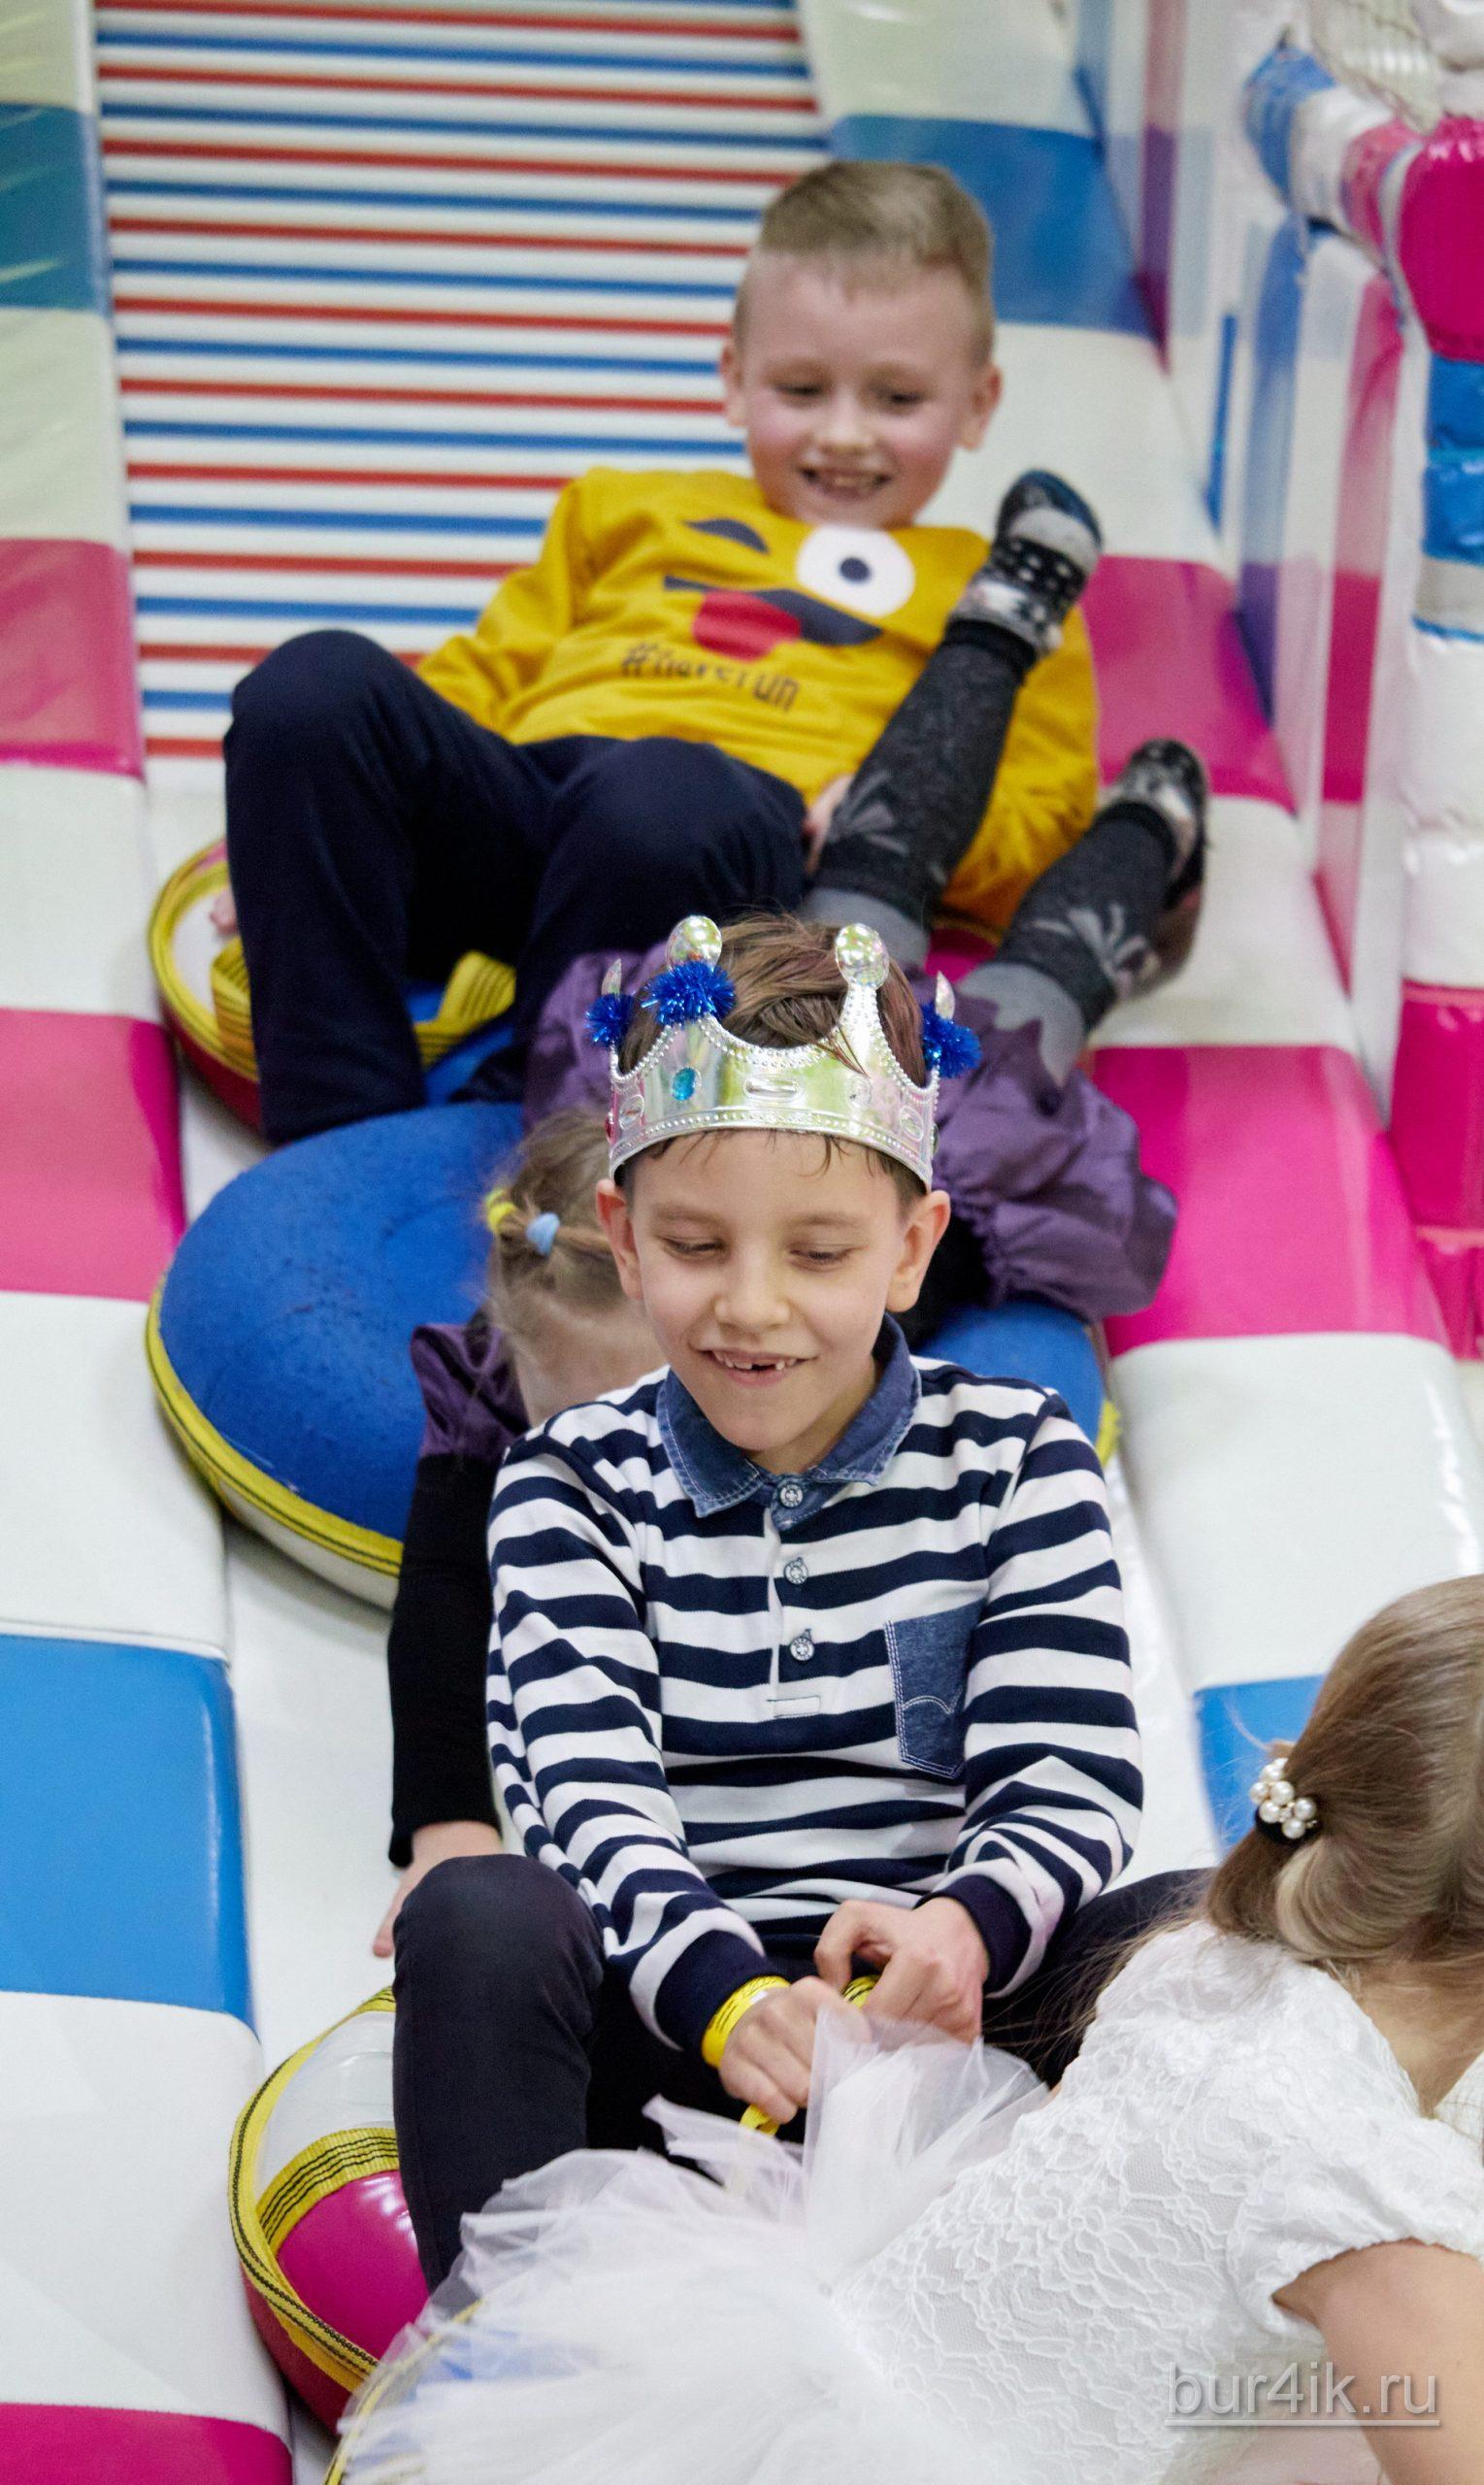 Фото Детское День Рождения в Детский Дворик 15.01.2020 №304 -photo- bur4ik.ru